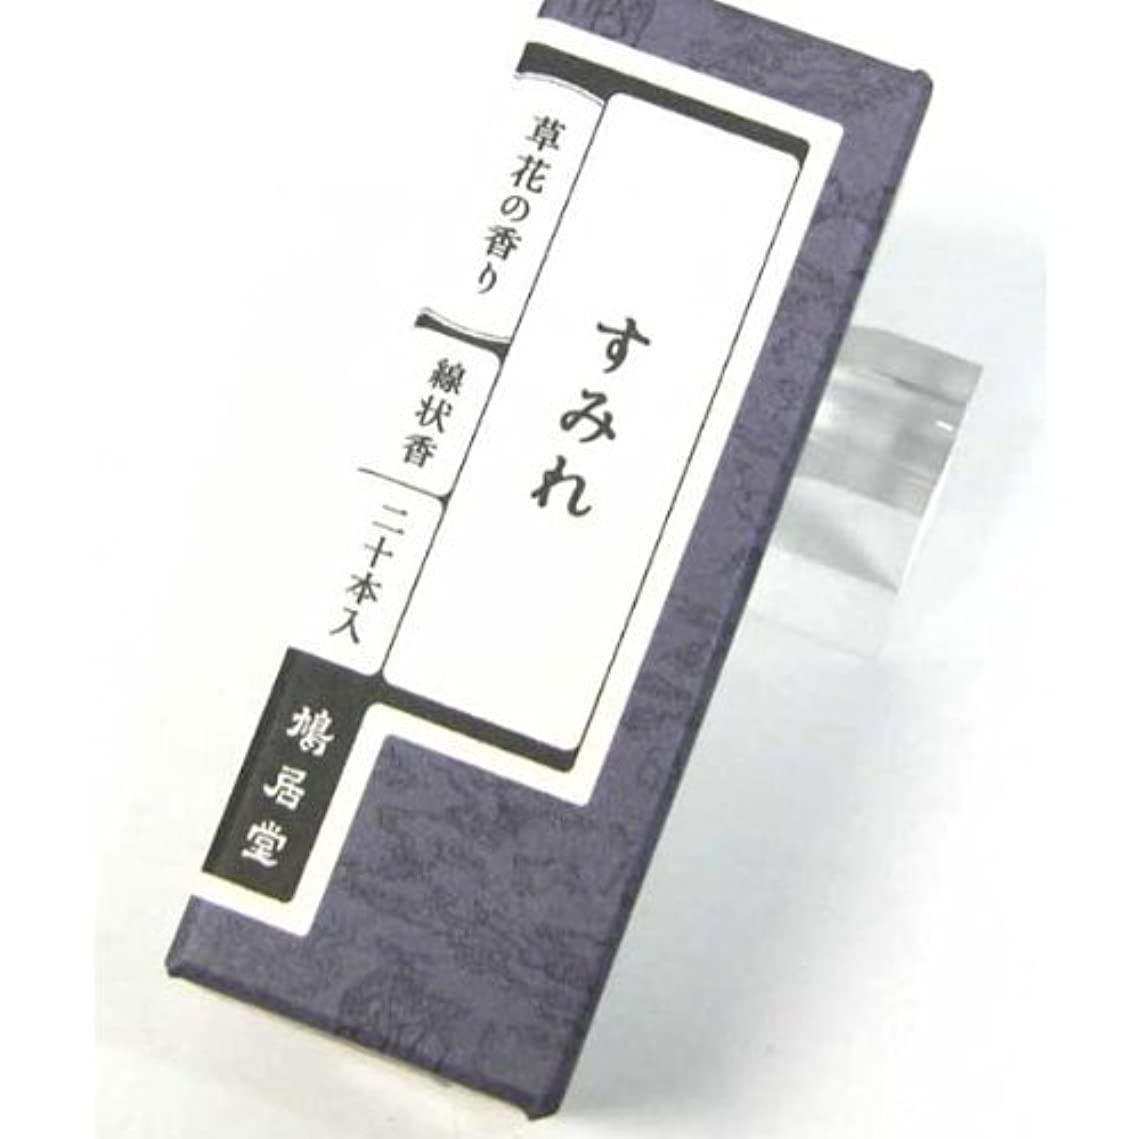 マグ金属弁護士鳩居堂 お香 すみれ/菫 草花の香りシリーズ スティックタイプ(棒状香)20本いり